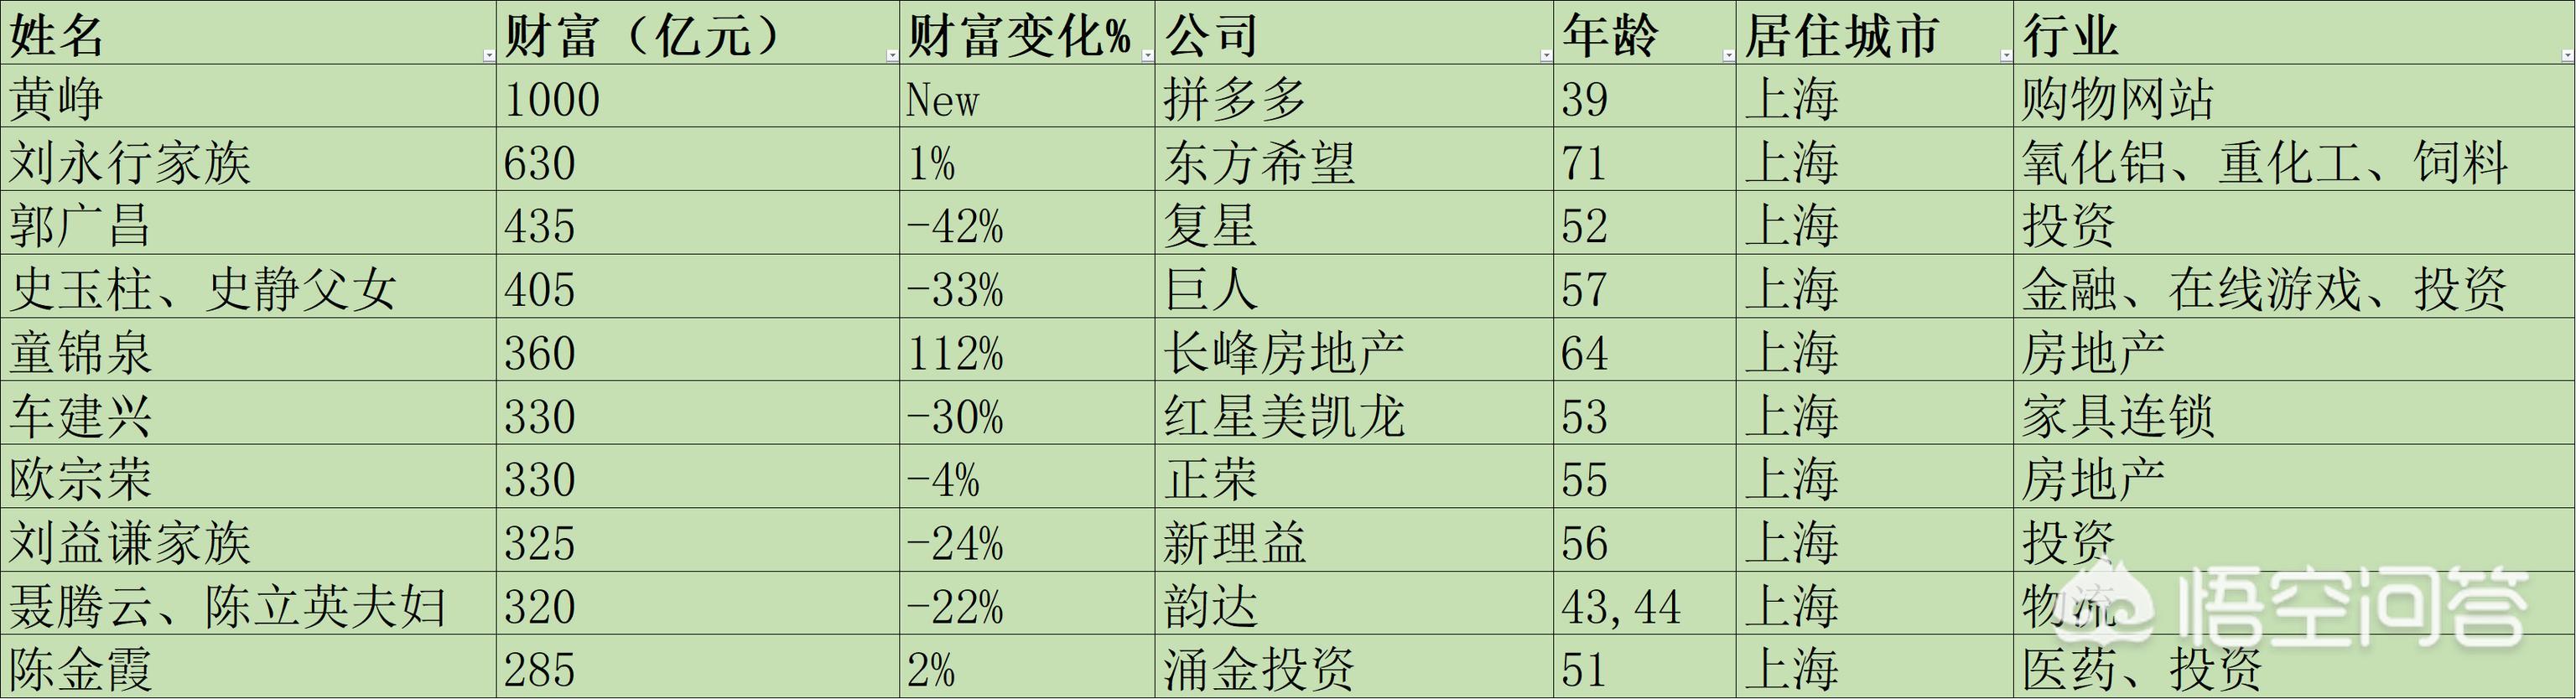 上海首富是谁?有怎样的发家历程?